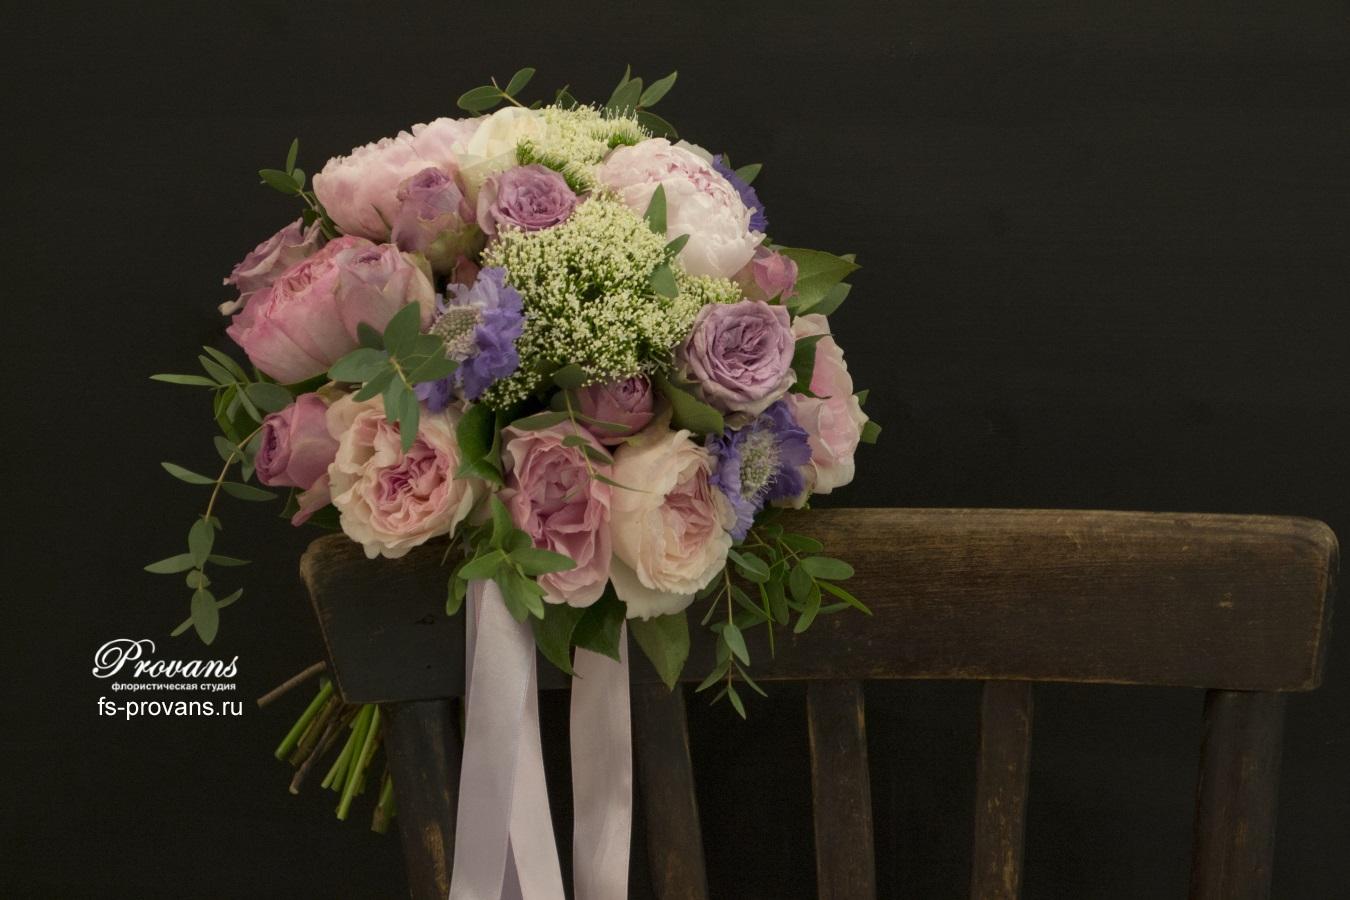 Свадебный букет. Пионы, ароматная роза, скабиоза